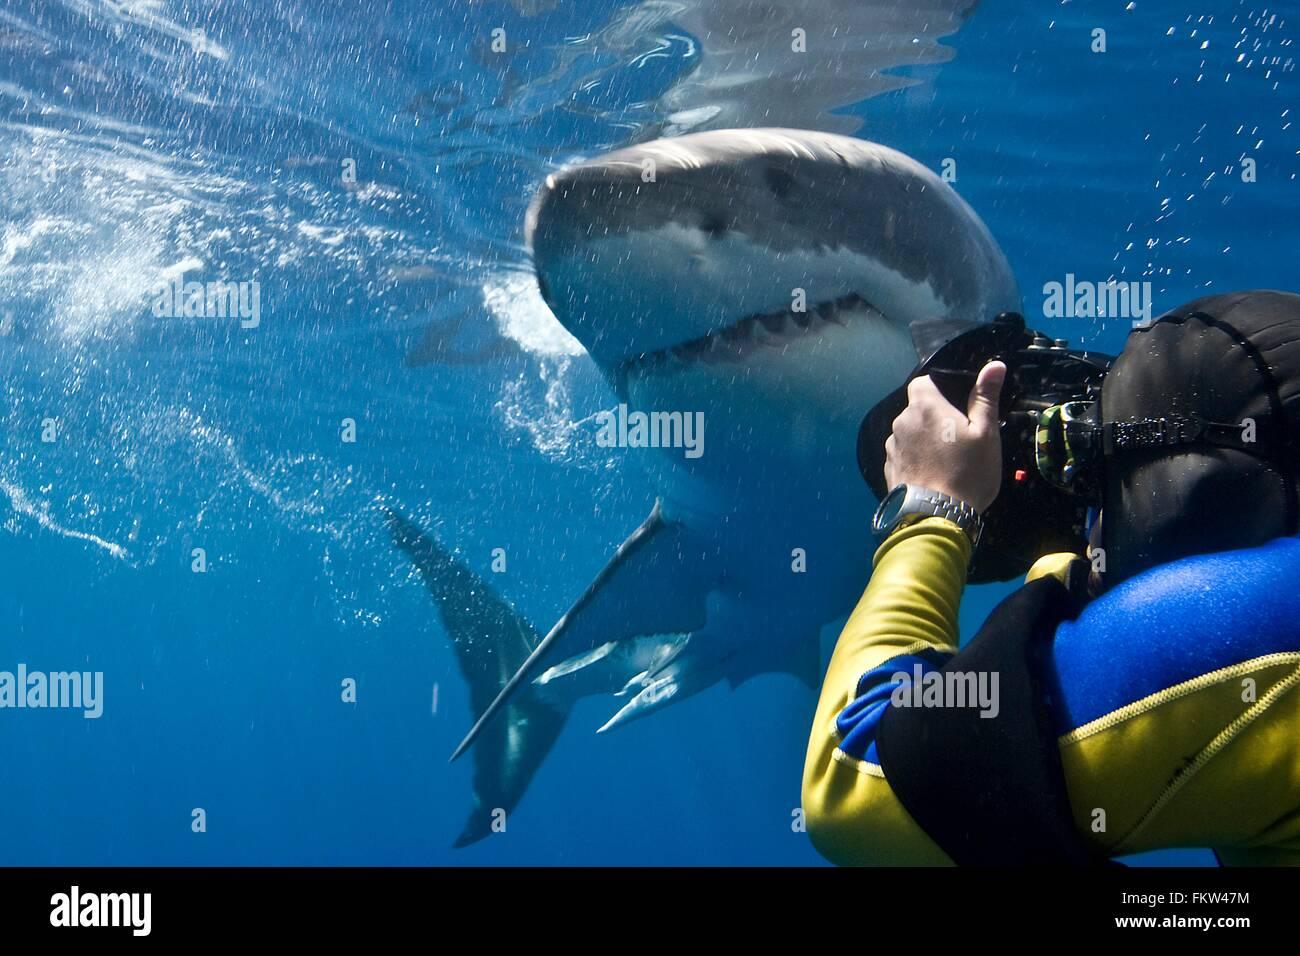 Gran tiburón blanco (Carcharodon carcharias) hacer un pase muy cerca mientras que el fotógrafo se inclina Imagen De Stock